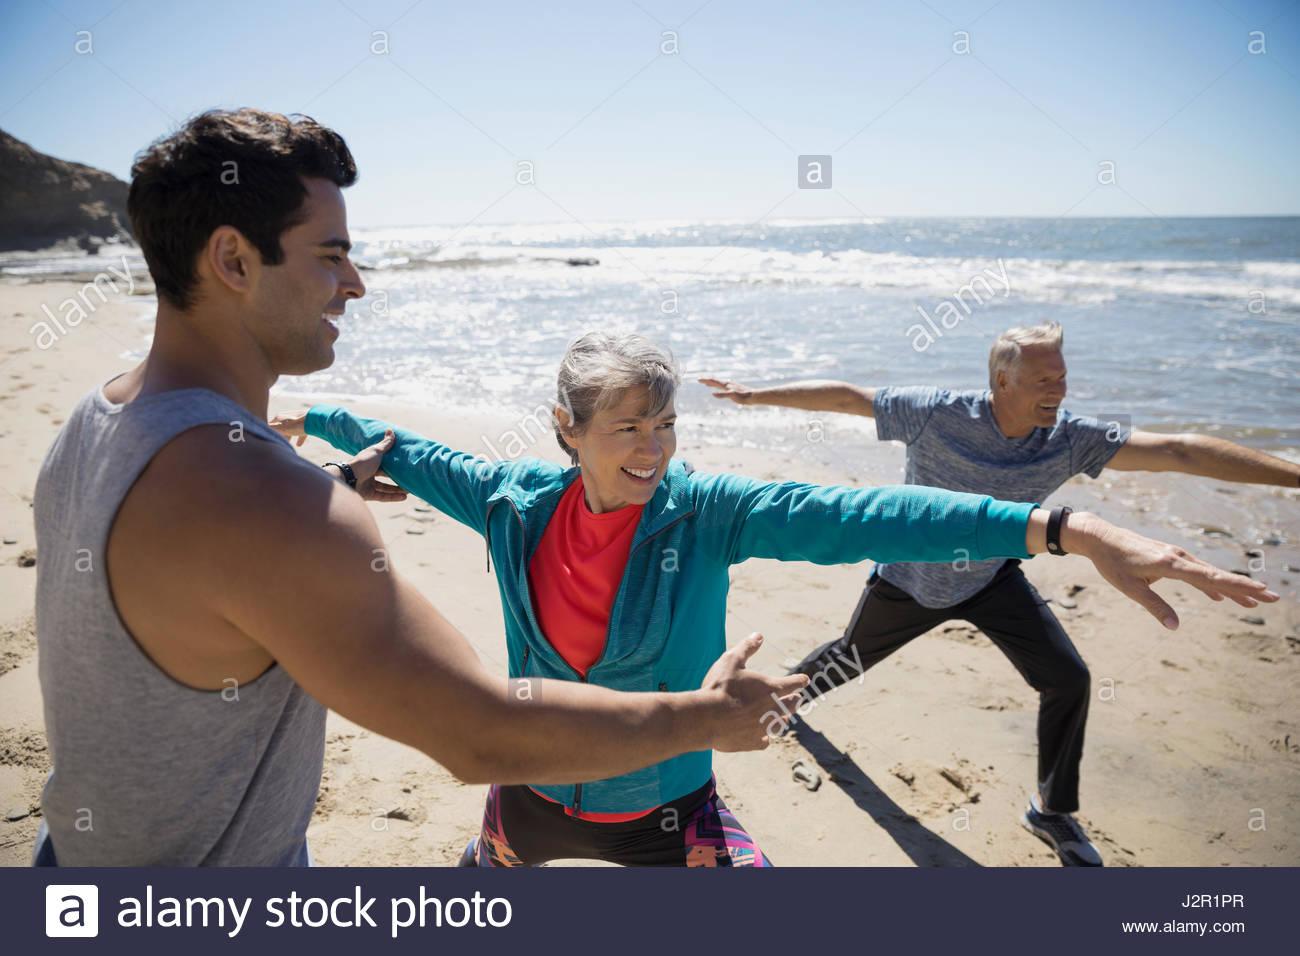 Crossfit formador ajudando altos casal exercer, a prática de ioga warrior 2 representam em Sunny Beach Imagens de Stock